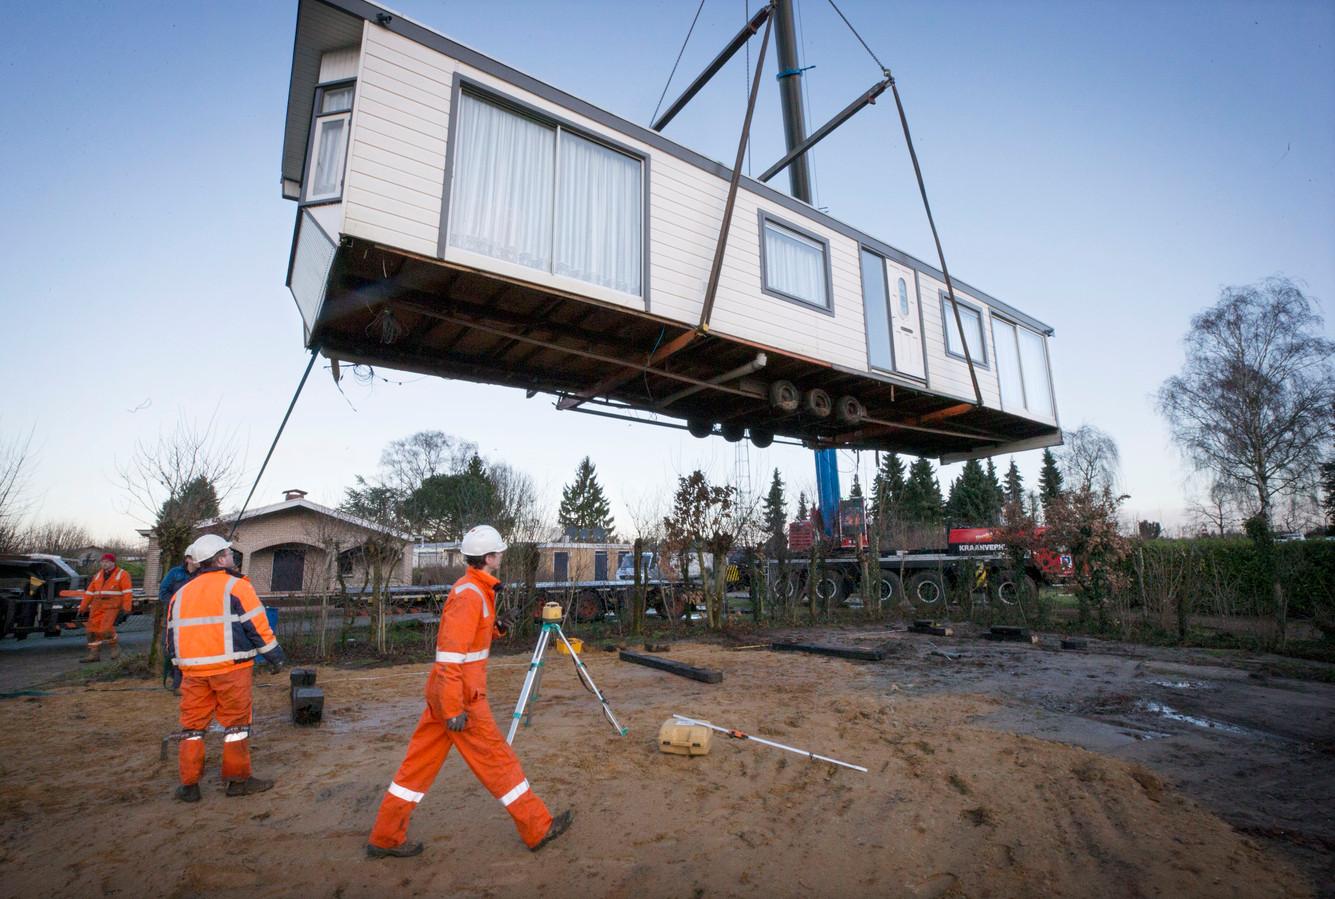 De (betere) stacaravans van camping Fort Oranje zouden worden opgeslagen op een terrein bij Stolwerk in Breda, zei de gemeente Zundert eerder. Nu blijkt dat alle weggetakelde caravans zijn gesloopt.